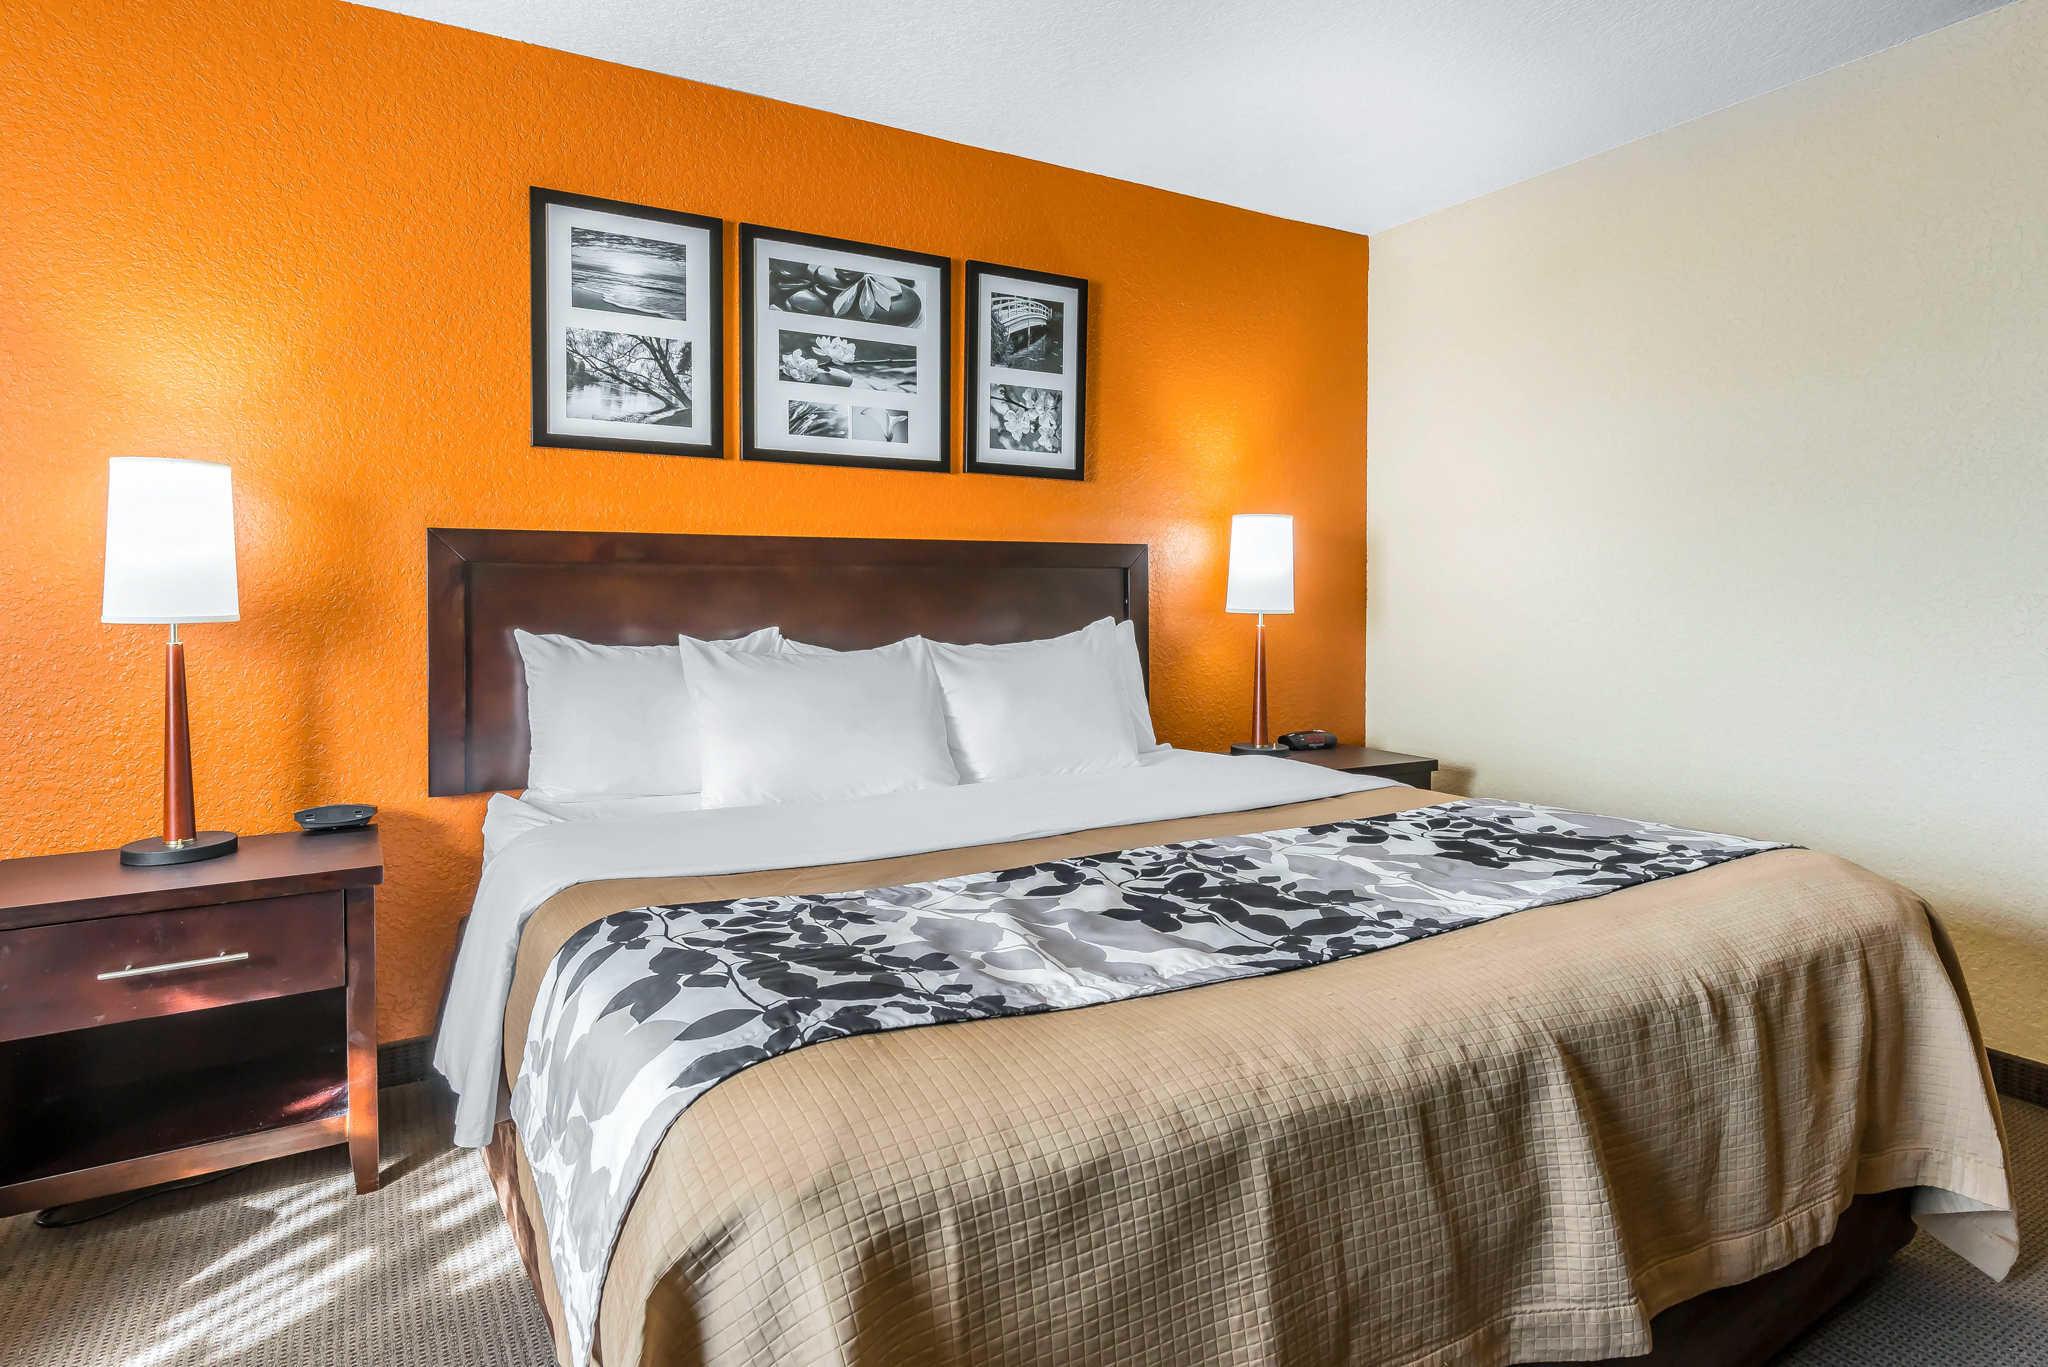 Sleep Inn & Suites Ocala - Belleview image 8